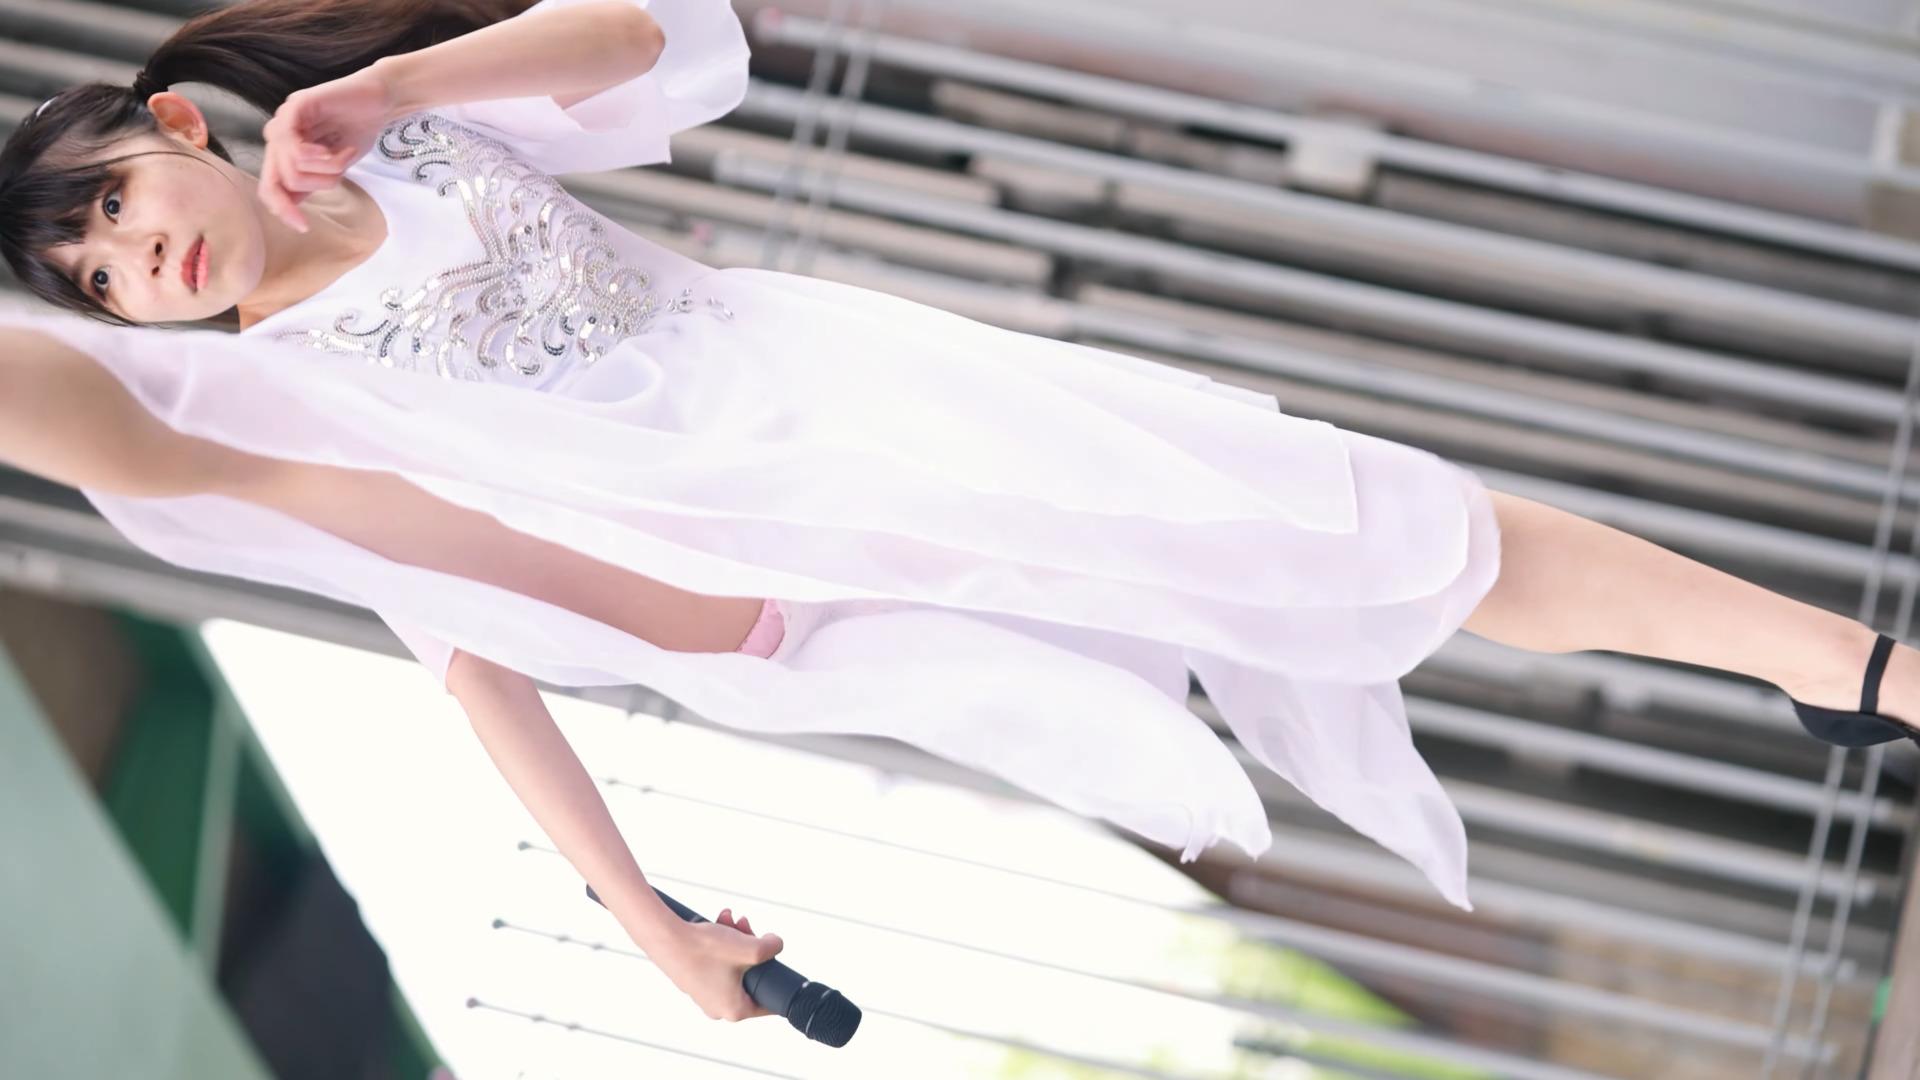 【α7SIII】ねこちゃん/縦動画[4K/60P]アイドルキャンパス若宮広場20210416 04:12